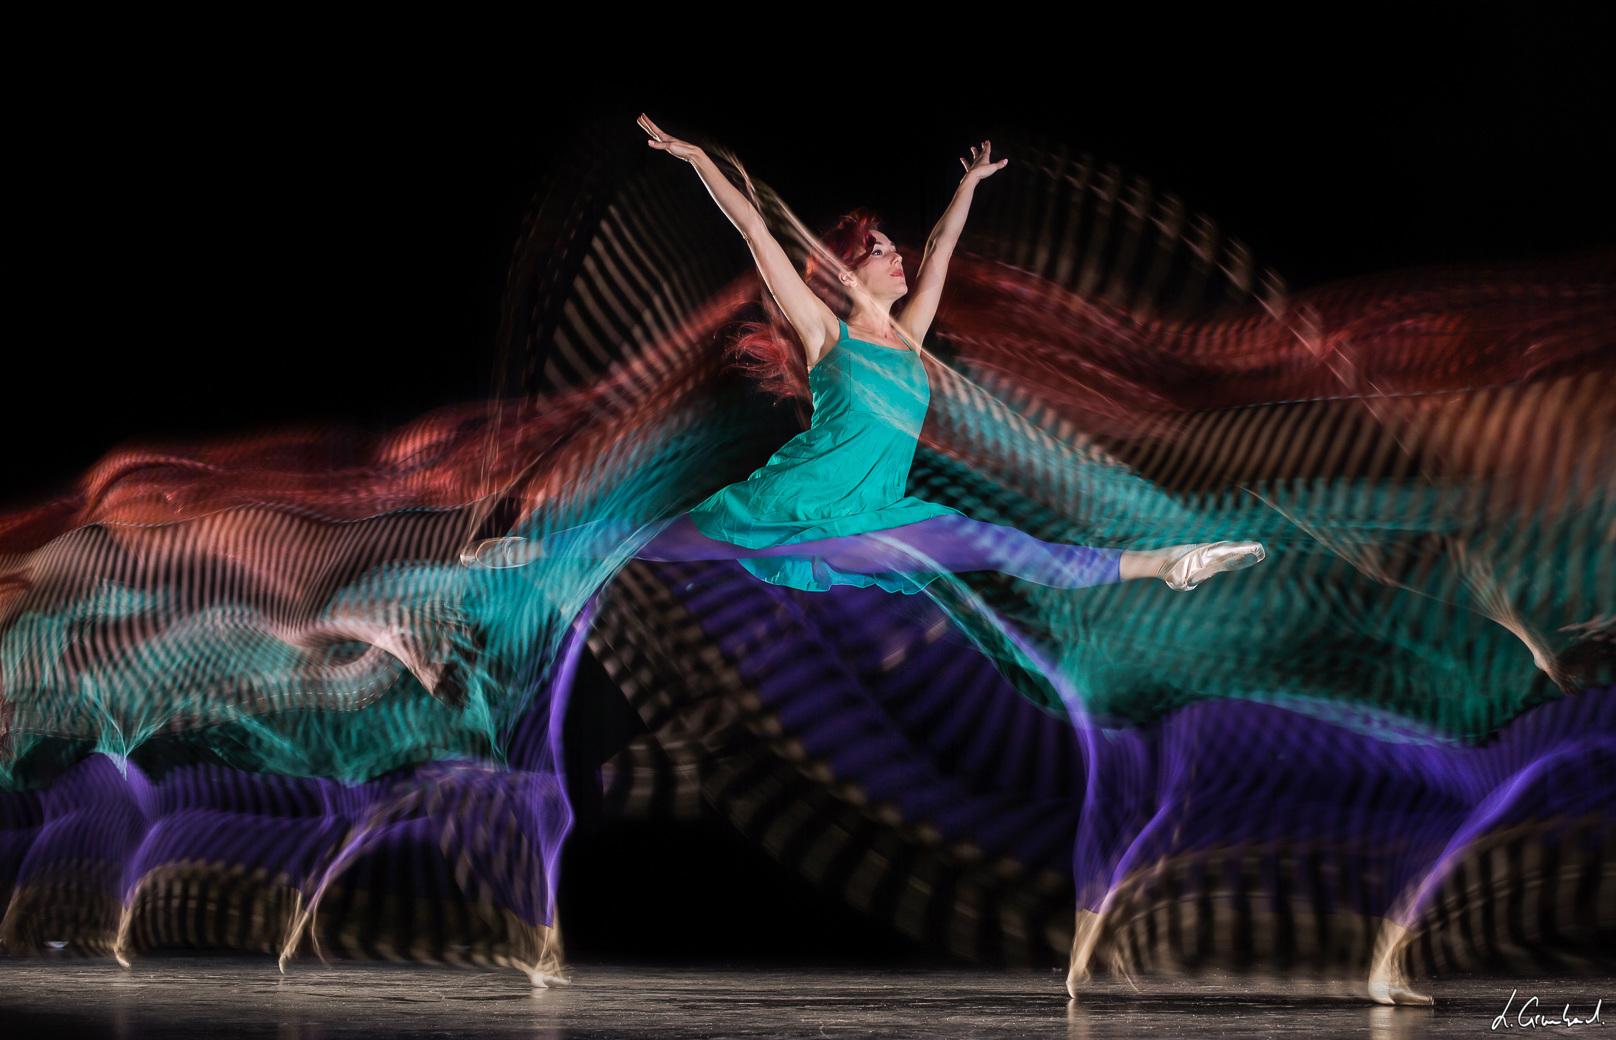 Fresque photo de mouvement de danse - Dance motion photo fresco - Motion Sculpture